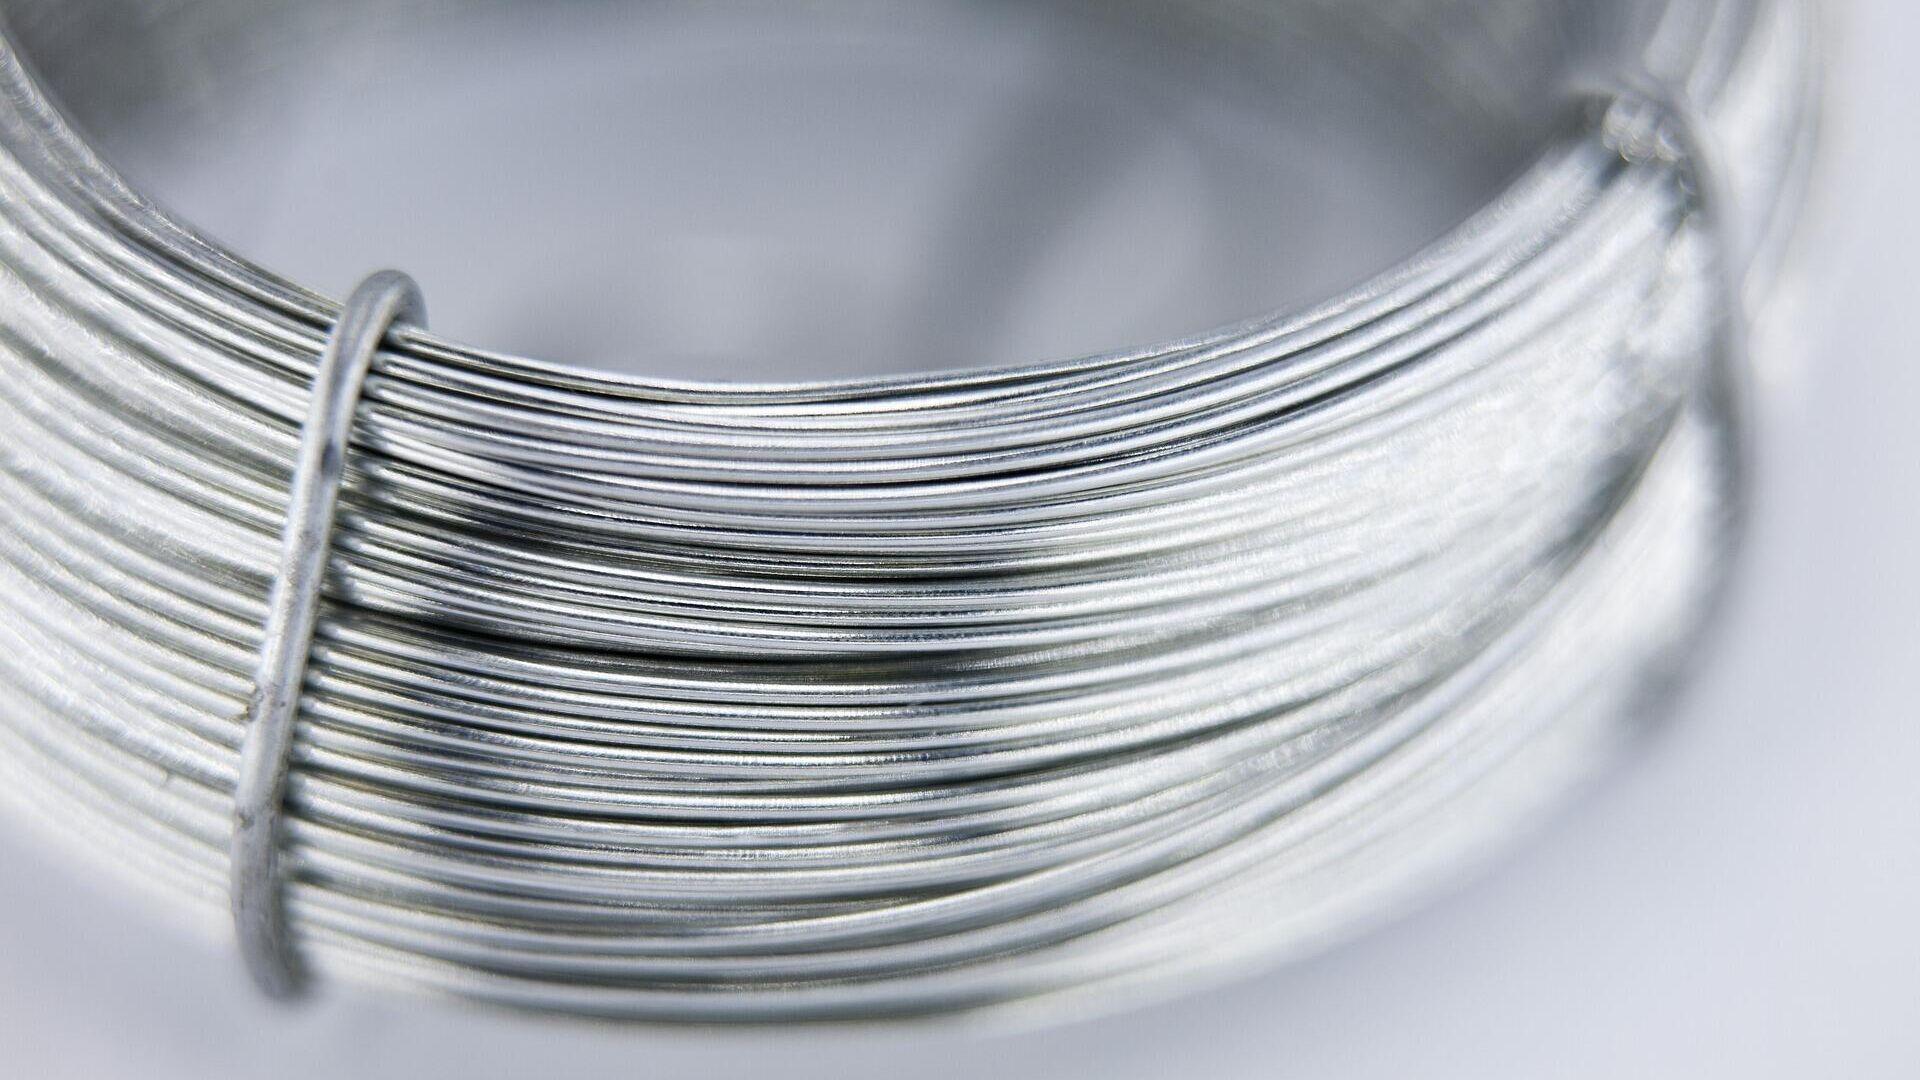 Cable de aluminio (referencial) - Sputnik Mundo, 1920, 24.06.2021